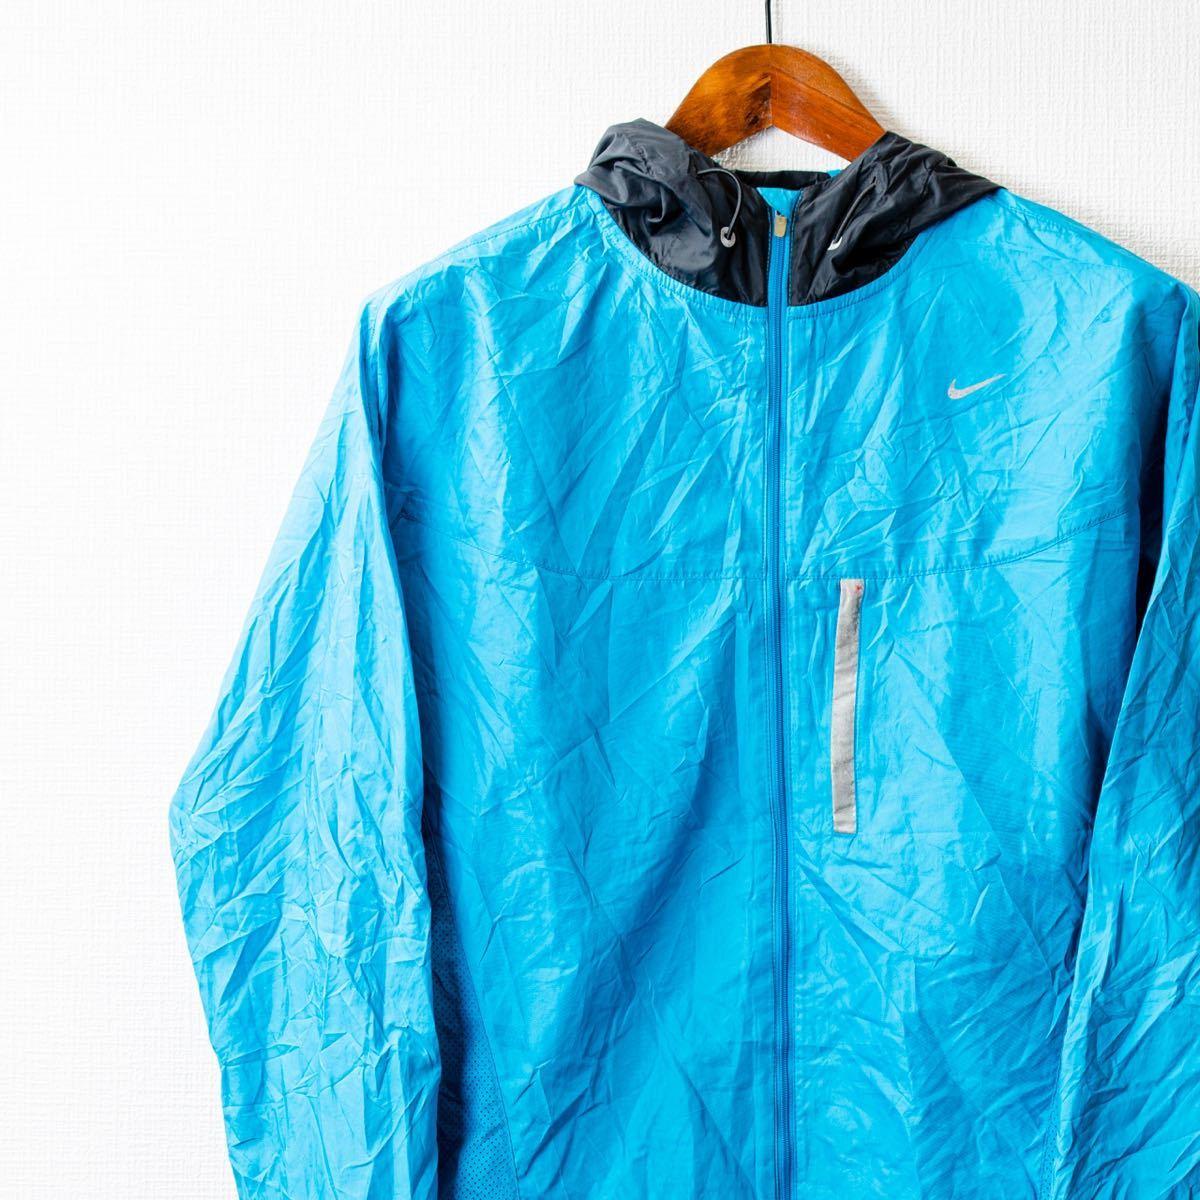 ナイキ 薄手ナイロンジャケット 背中側メッシュ XL ブルー フード付き